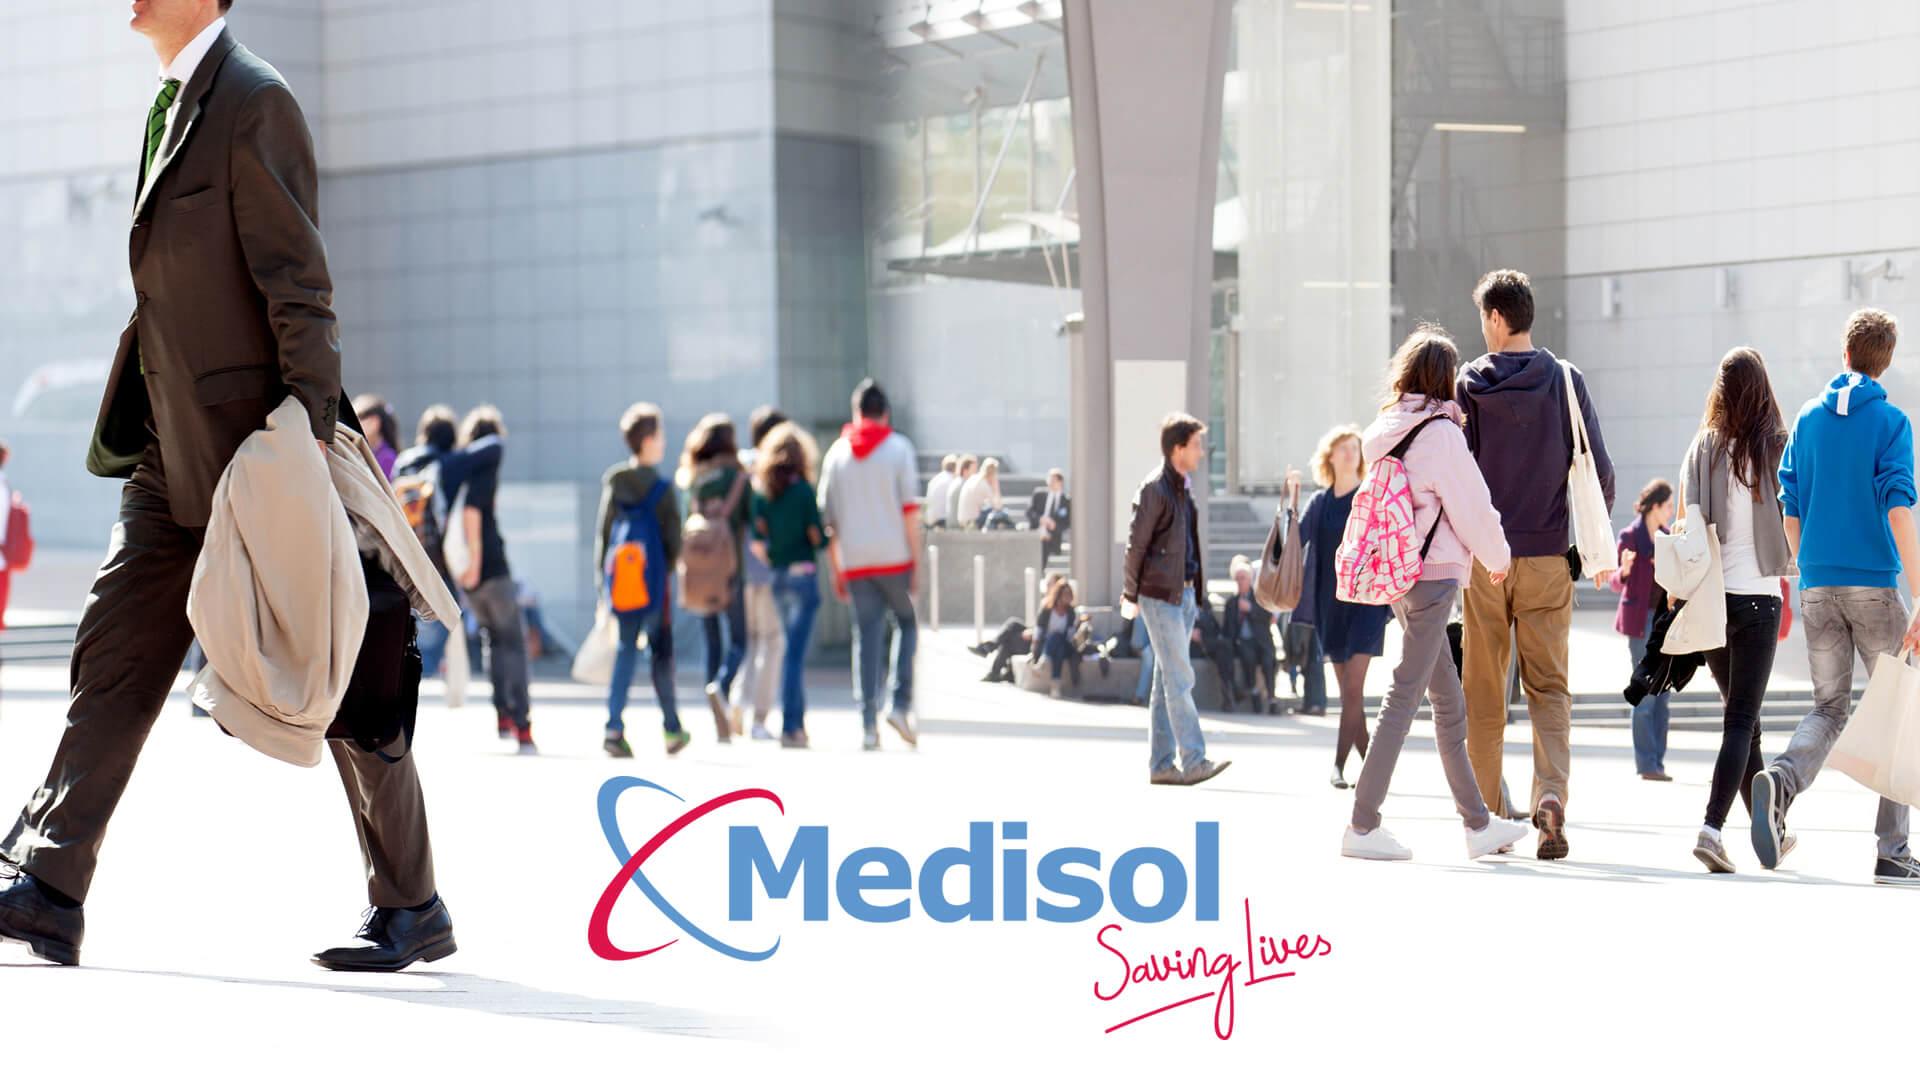 Medisol onafhankelijke AED leverancier